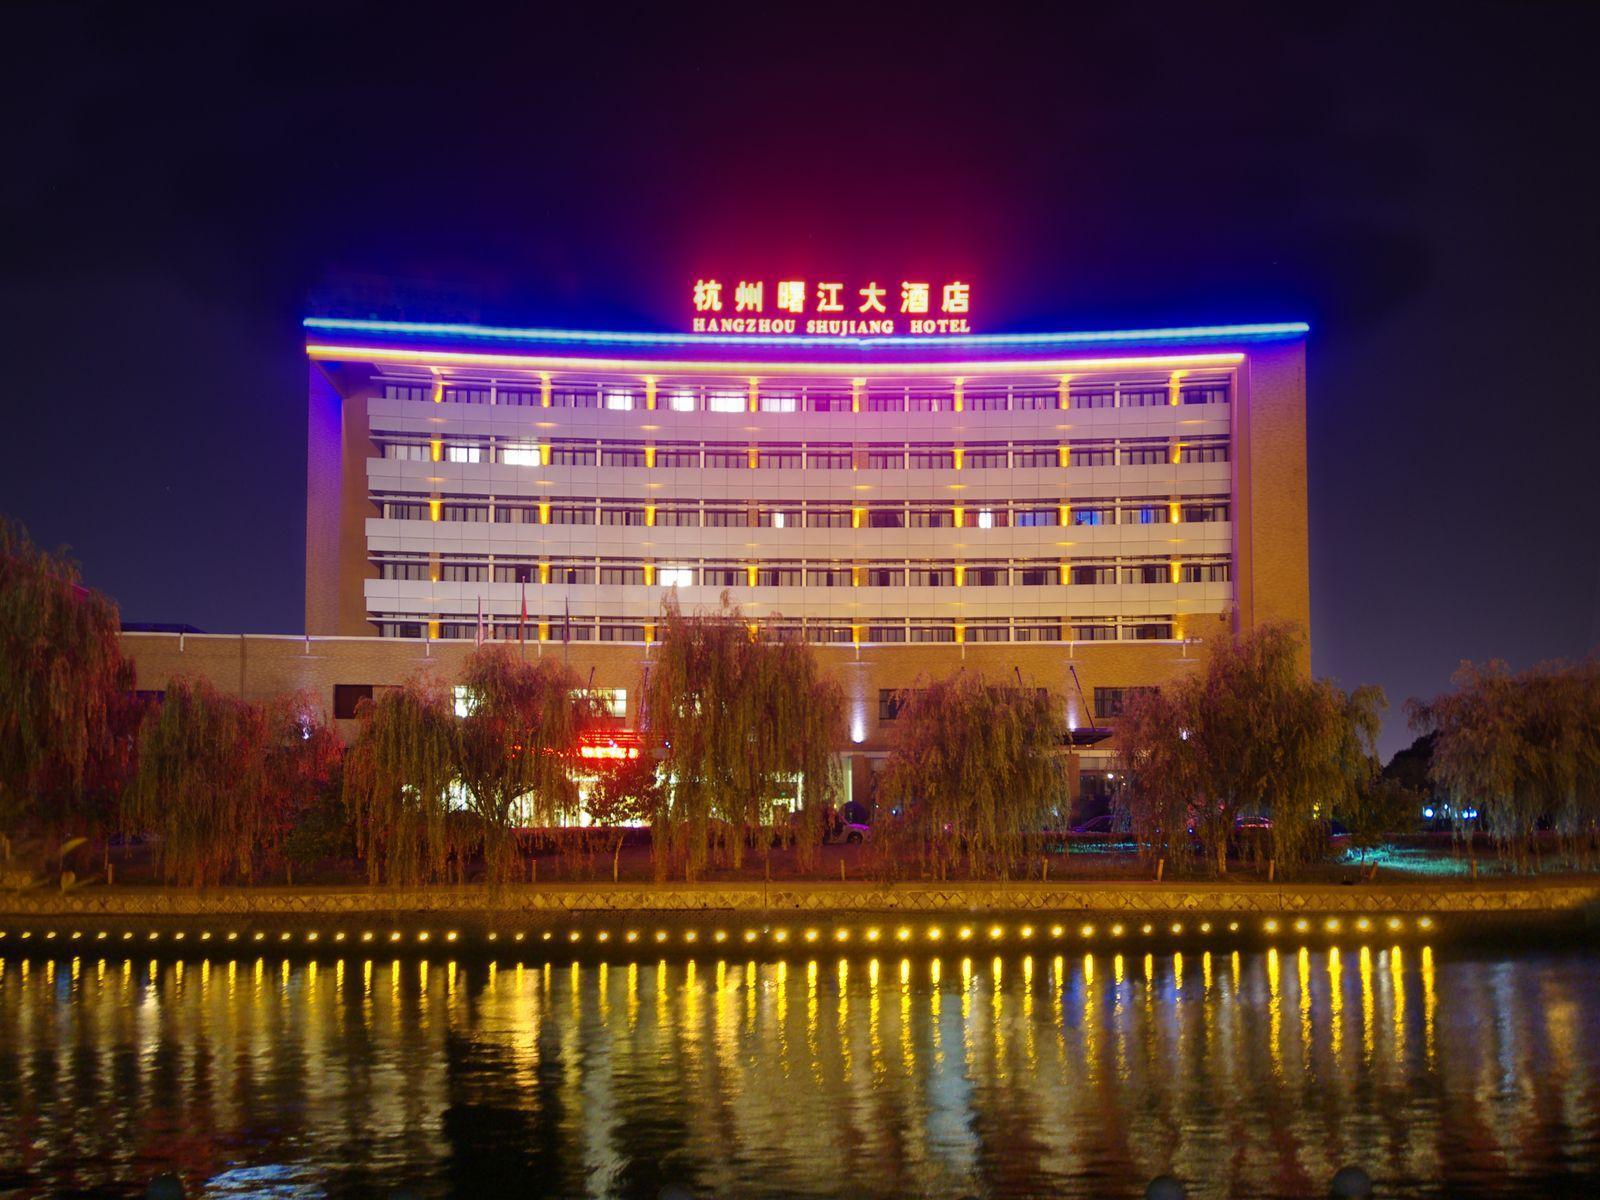 Hangzhou Shujiang Hotel - Hangzhou